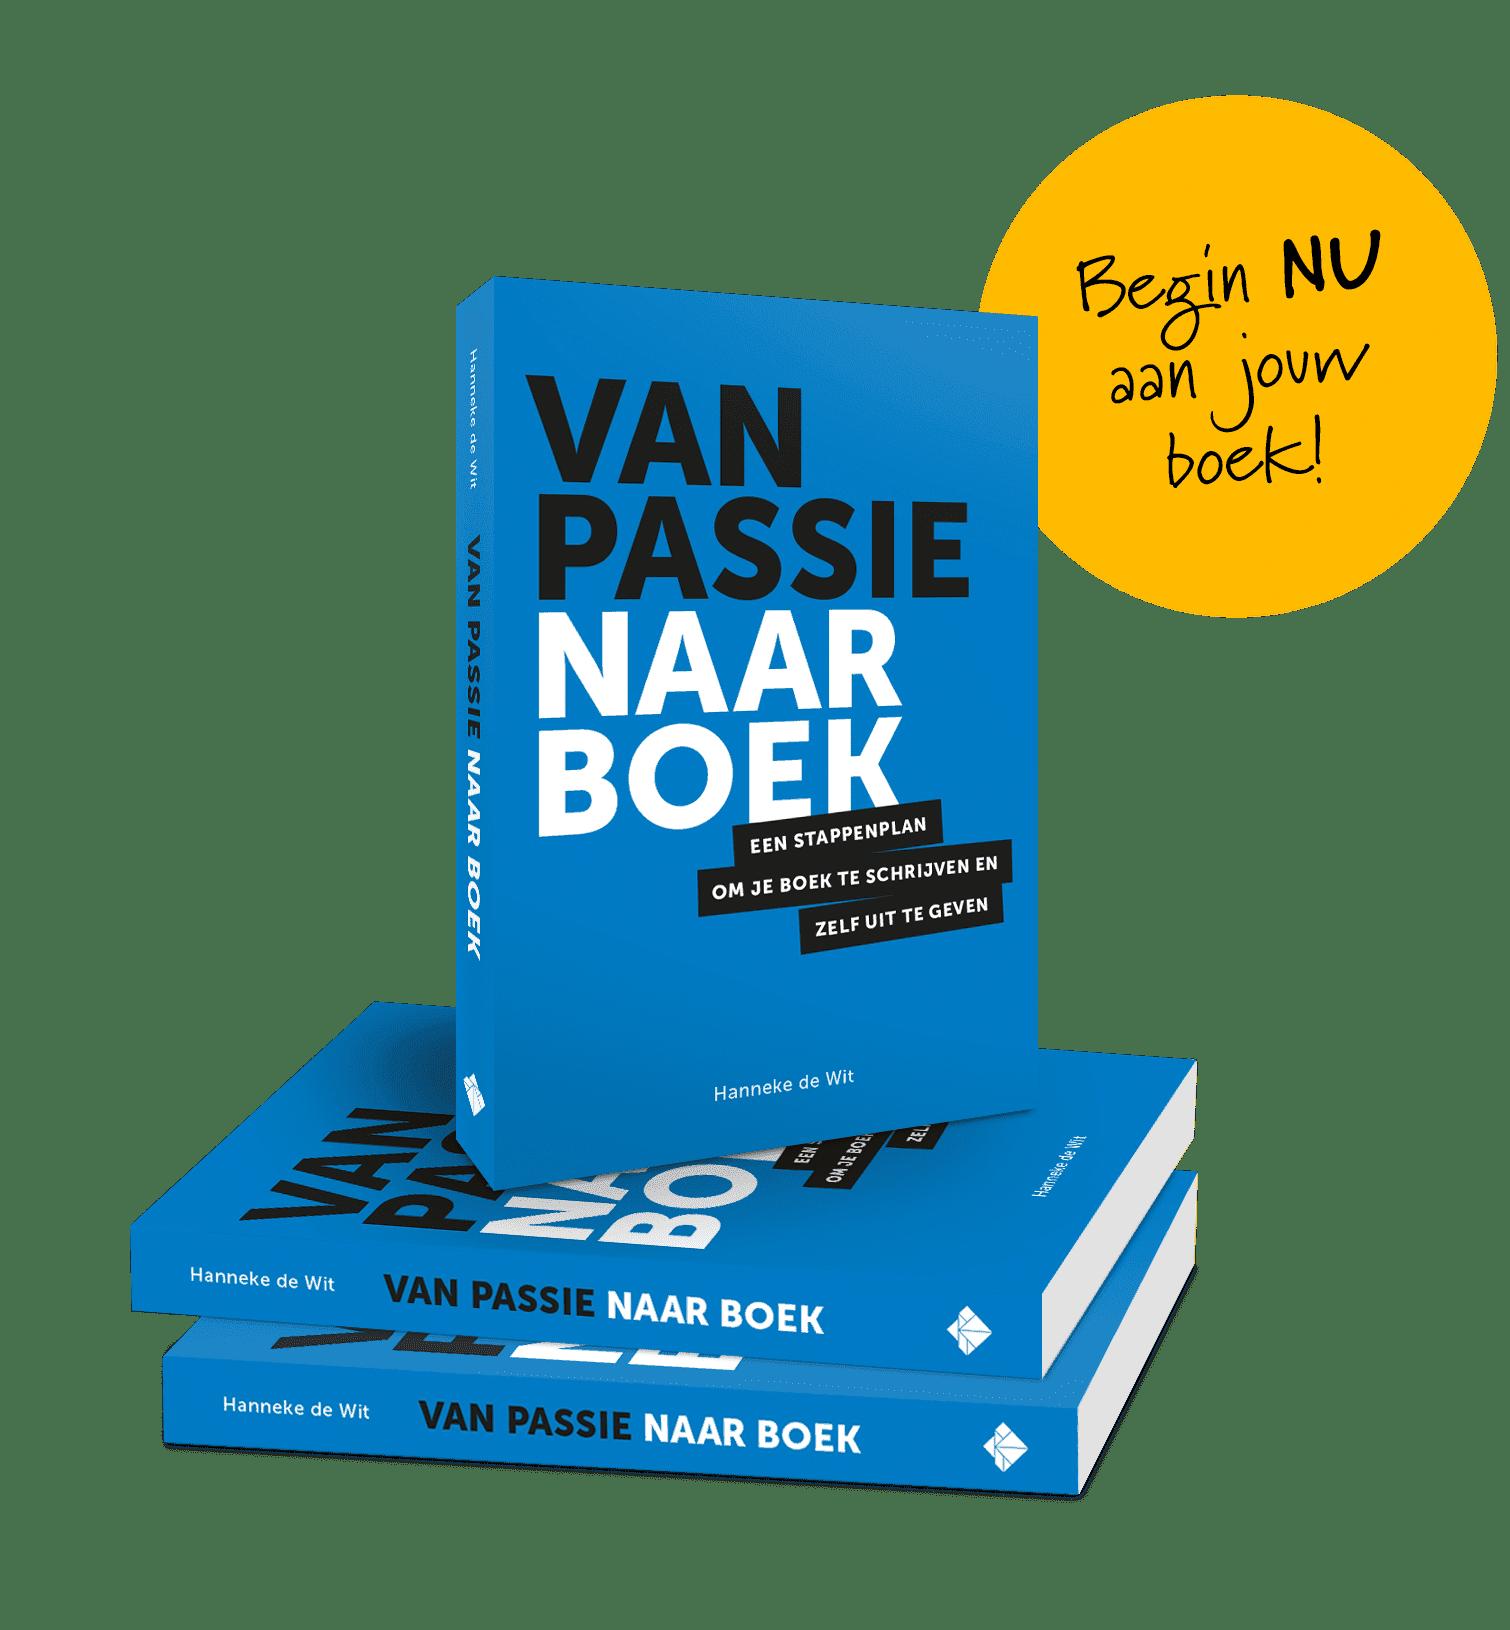 Promotie boek Van passie naar boek packshot